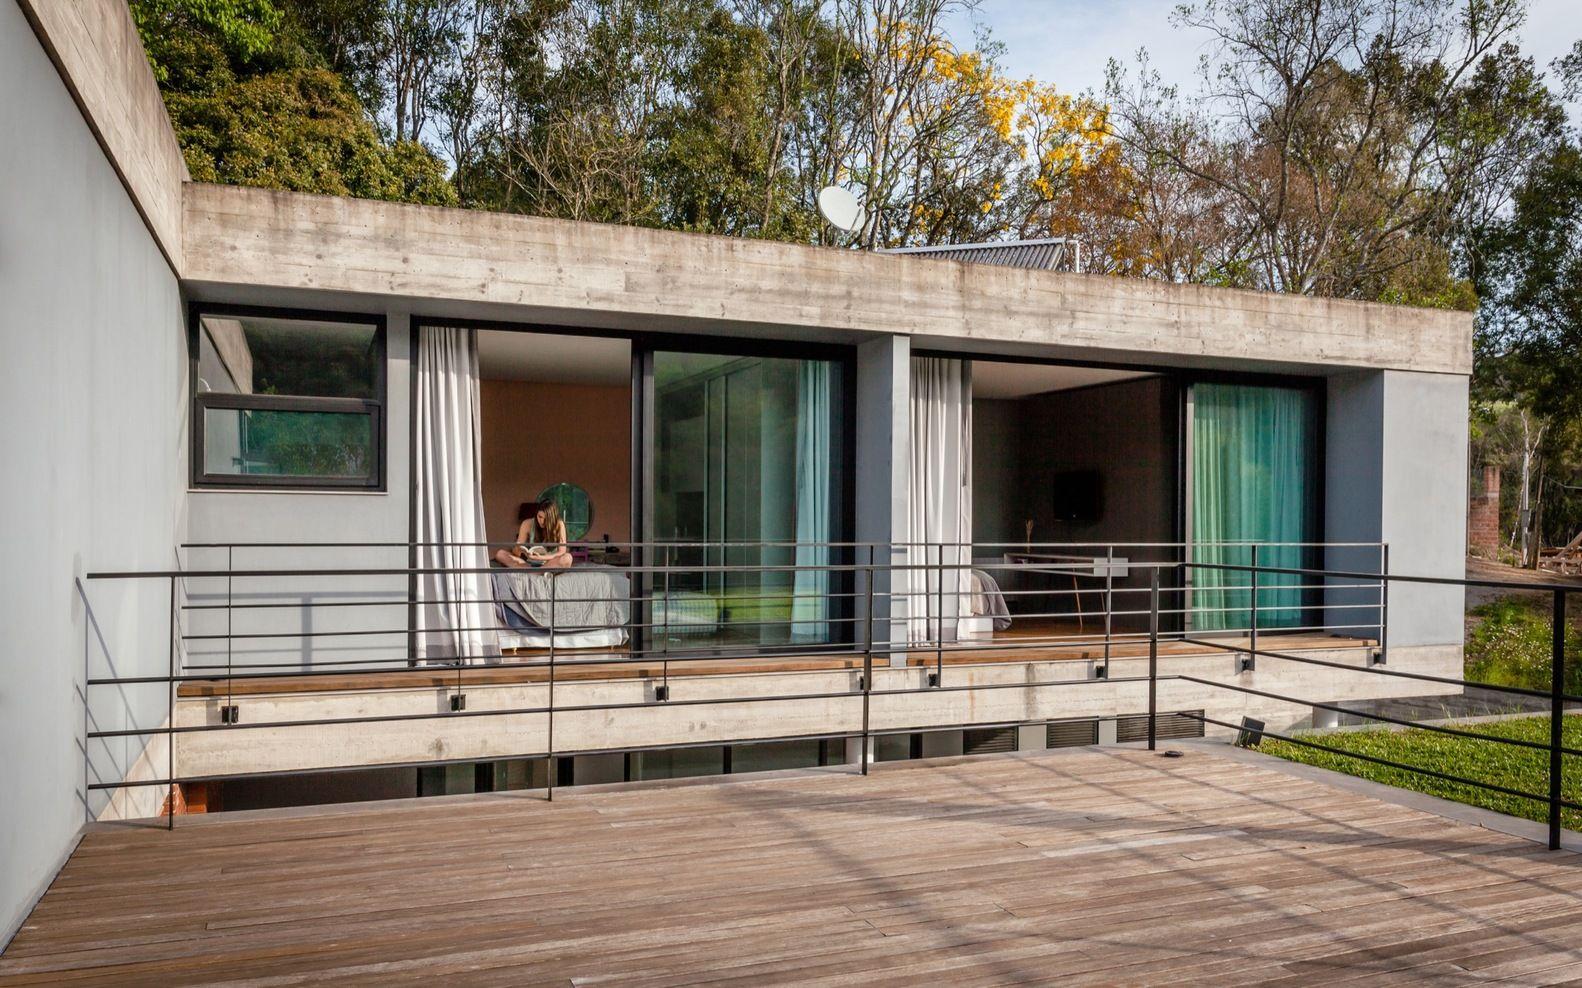 Galer a de casa pereira narvaes sucra arquitetura for Galerias casas minimalistas